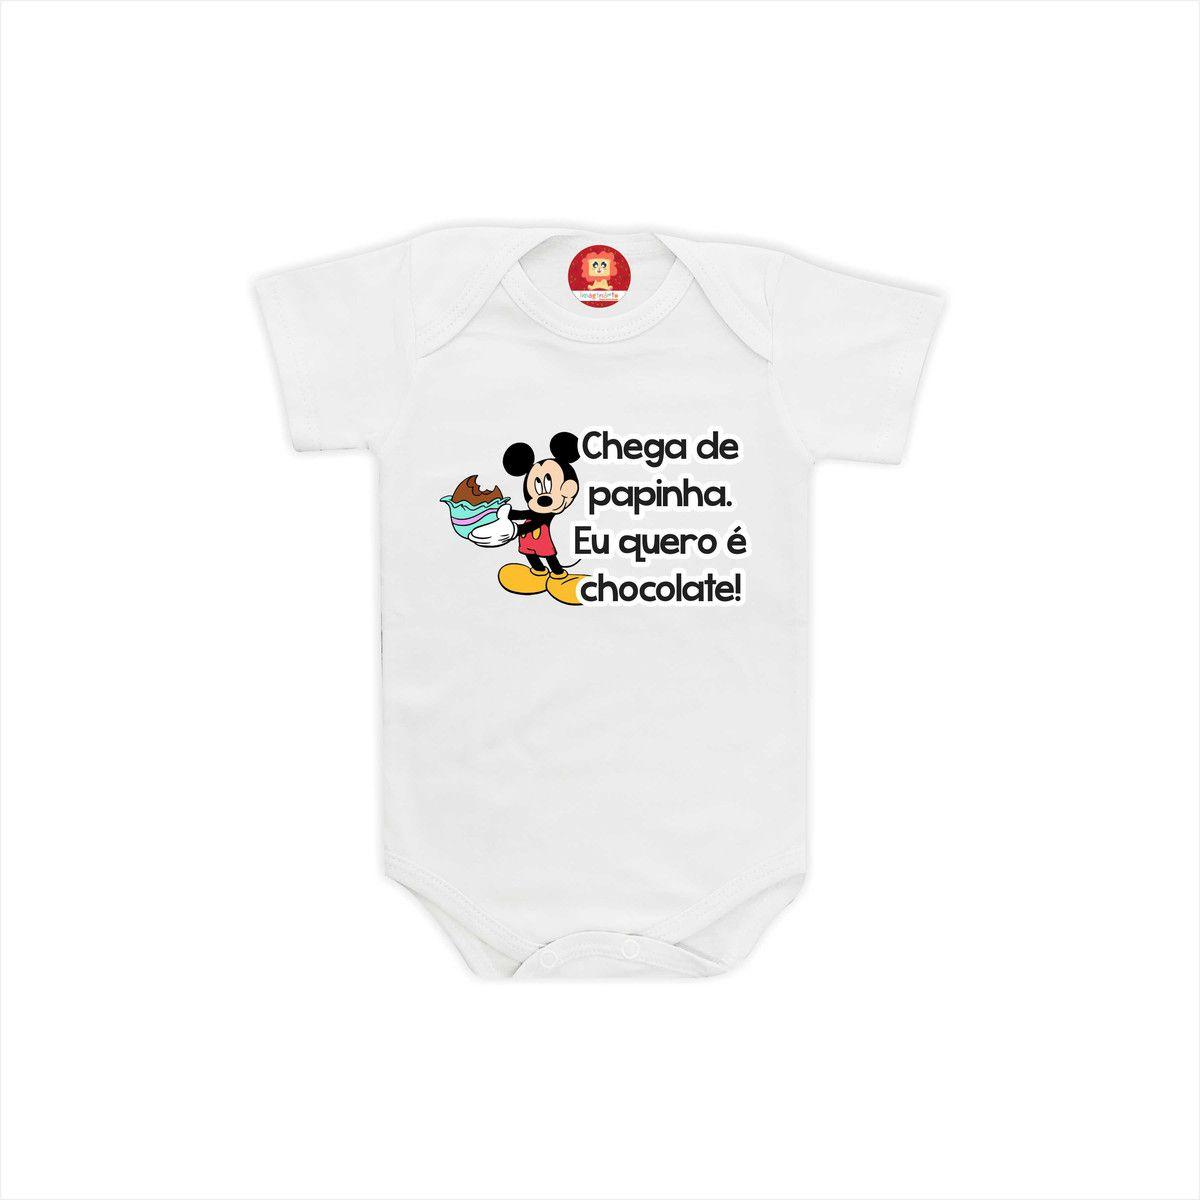 Body ou Camiseta Infantil Chega de Papinha Mickey